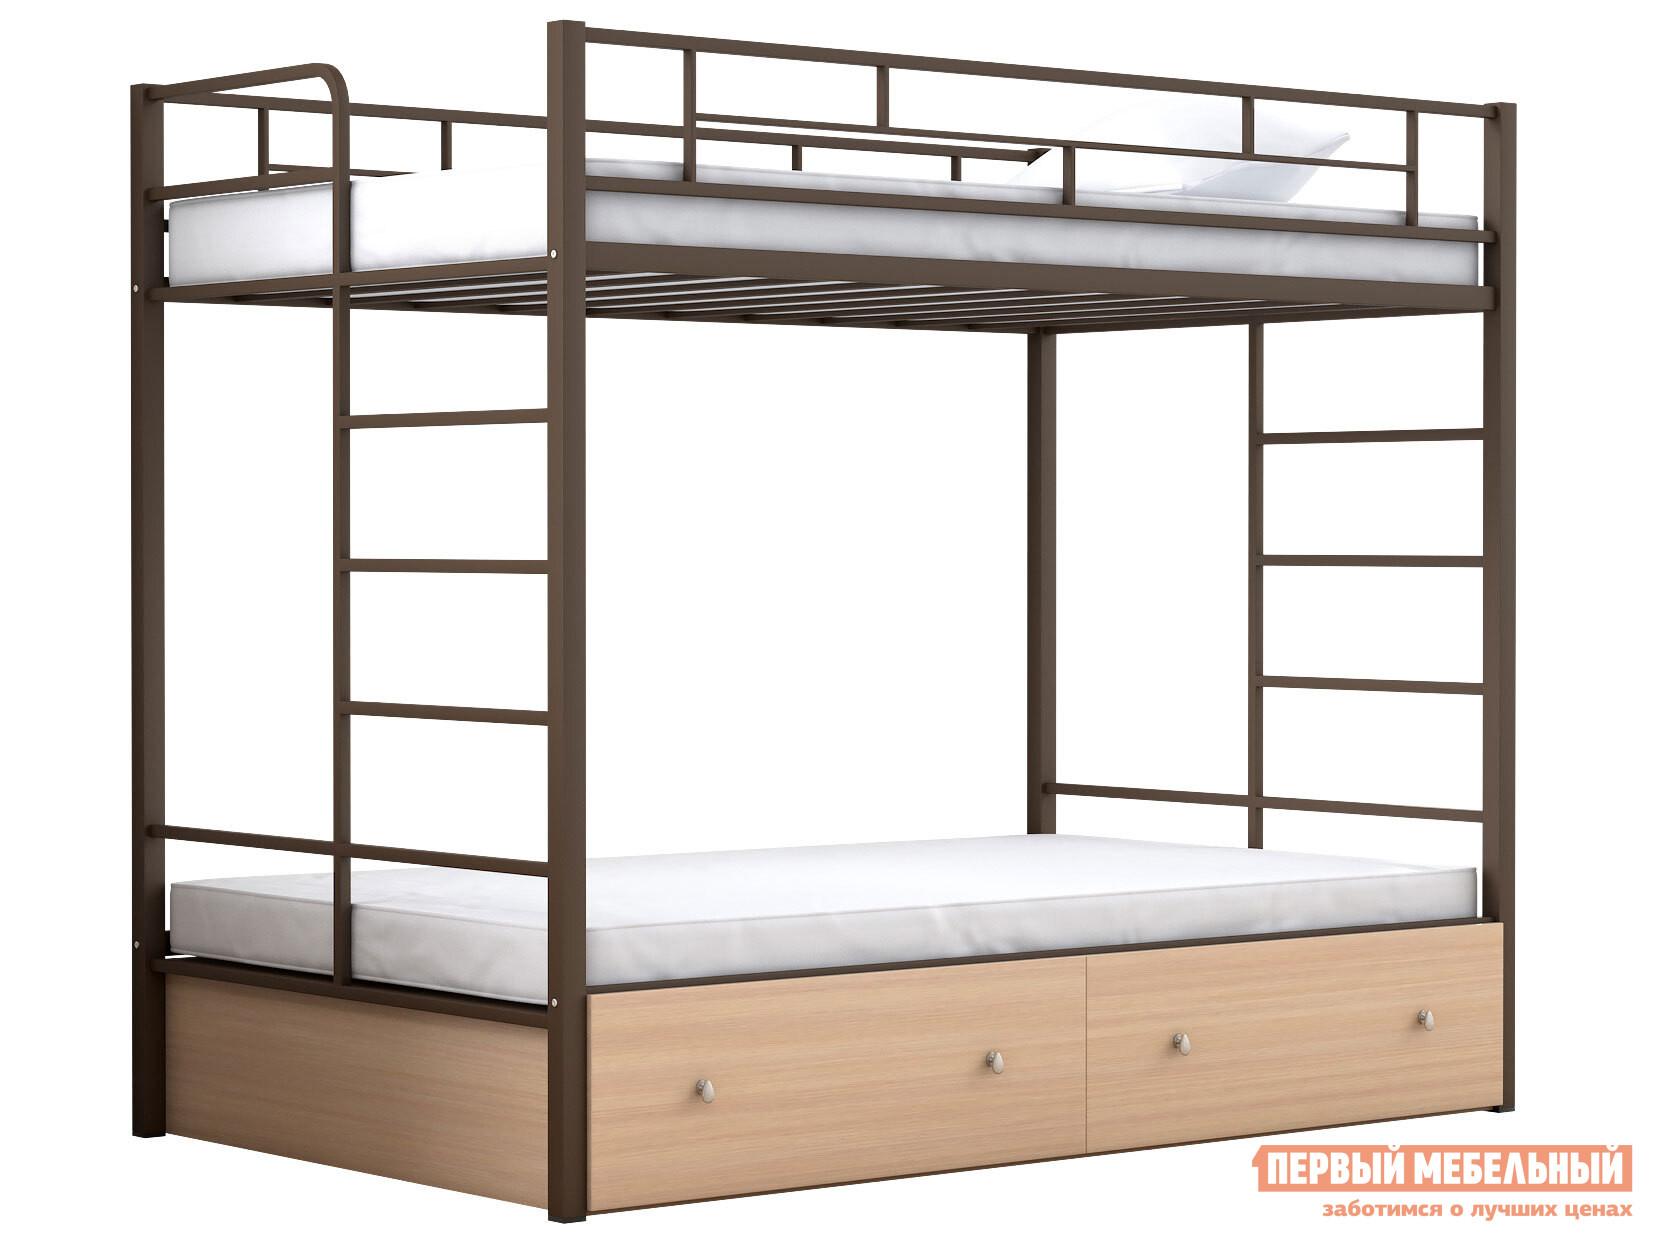 Двухъярусная кровать МФ 4 Сезона Двухъярусная детская кровать Валенсия 120 Твист с ящиками